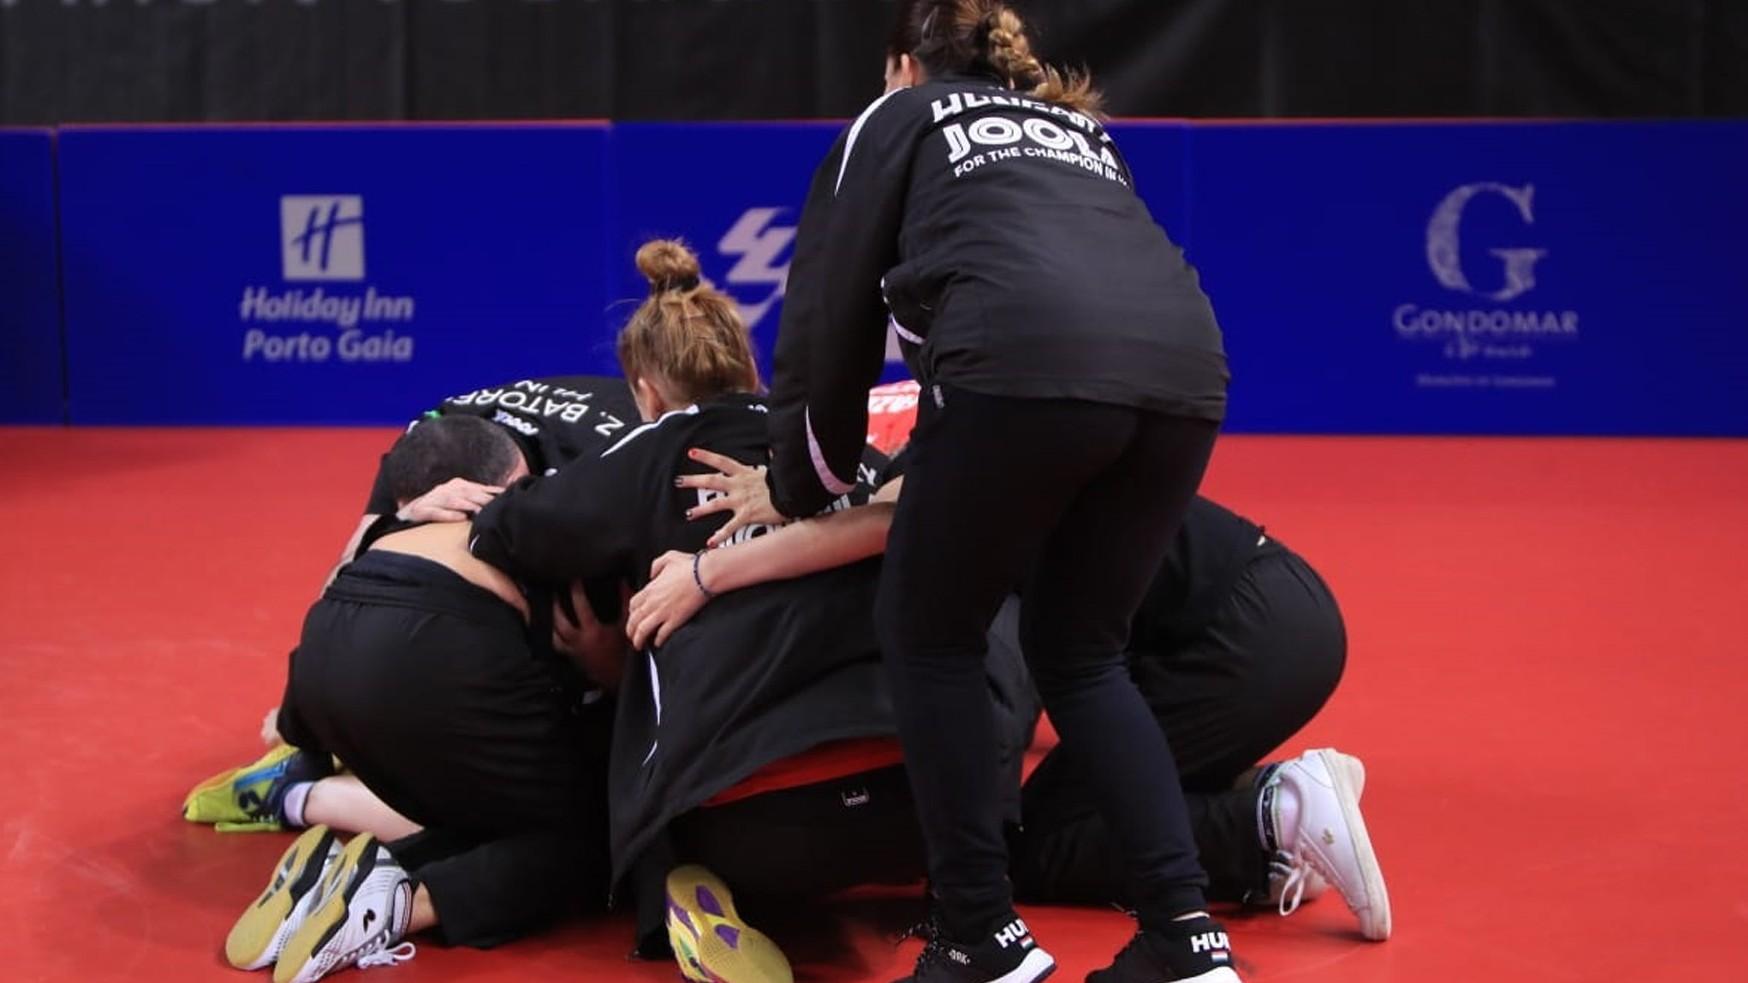 Olimpiai kvótát szerzett a női asztalitenisz-válogatott